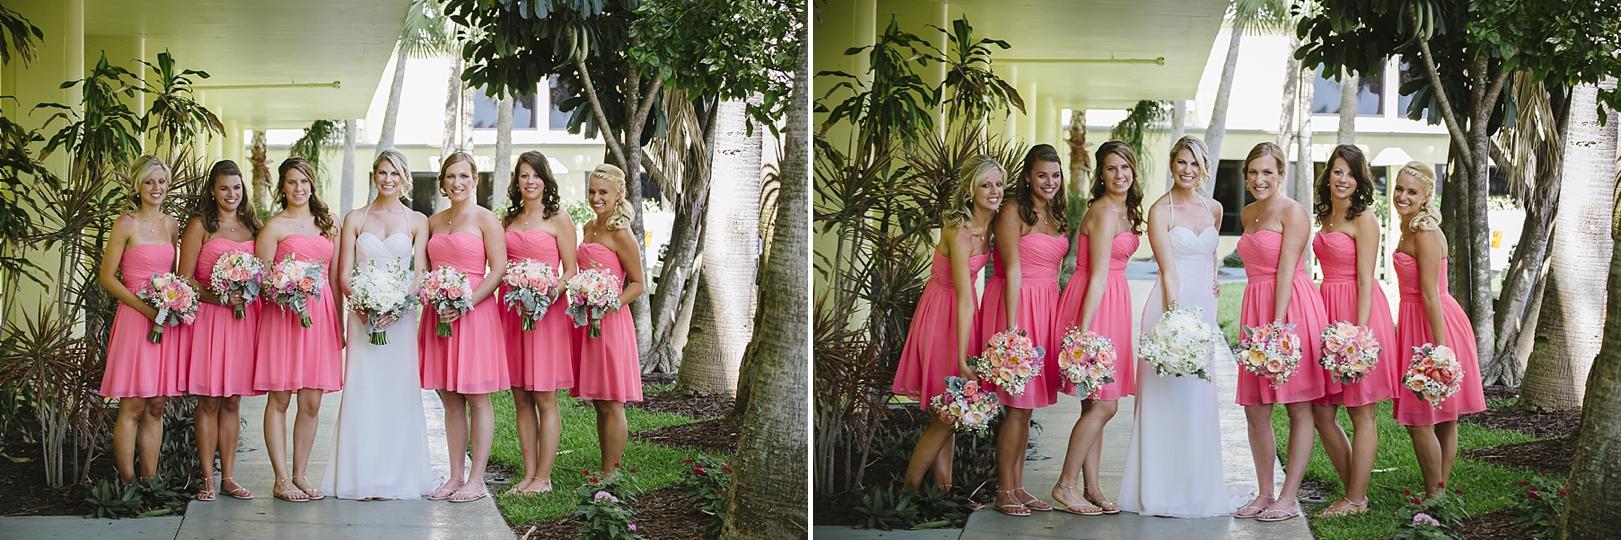 coral pink bridesmaids sirata beach wedding photos